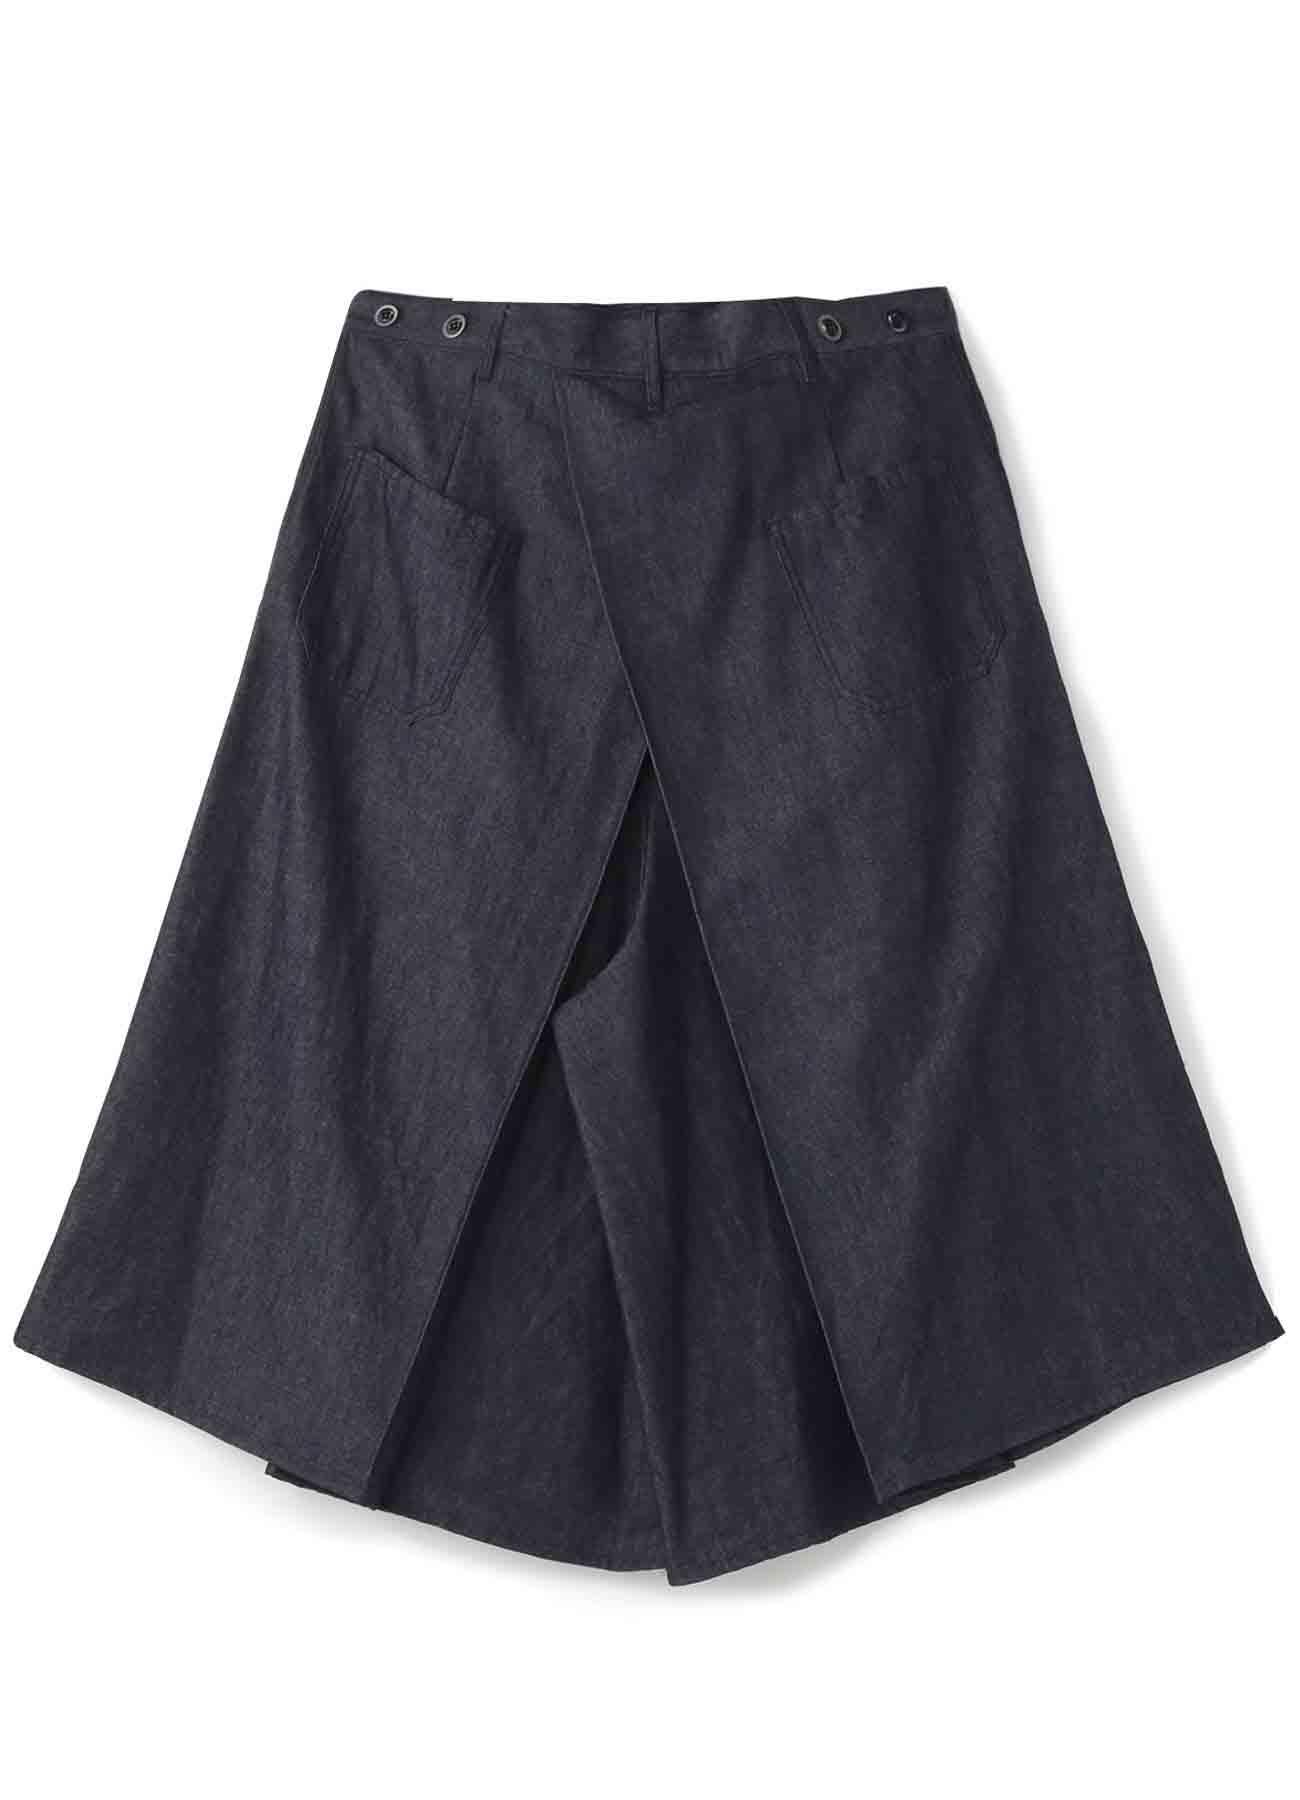 No. 11喇叭折牛仔裤